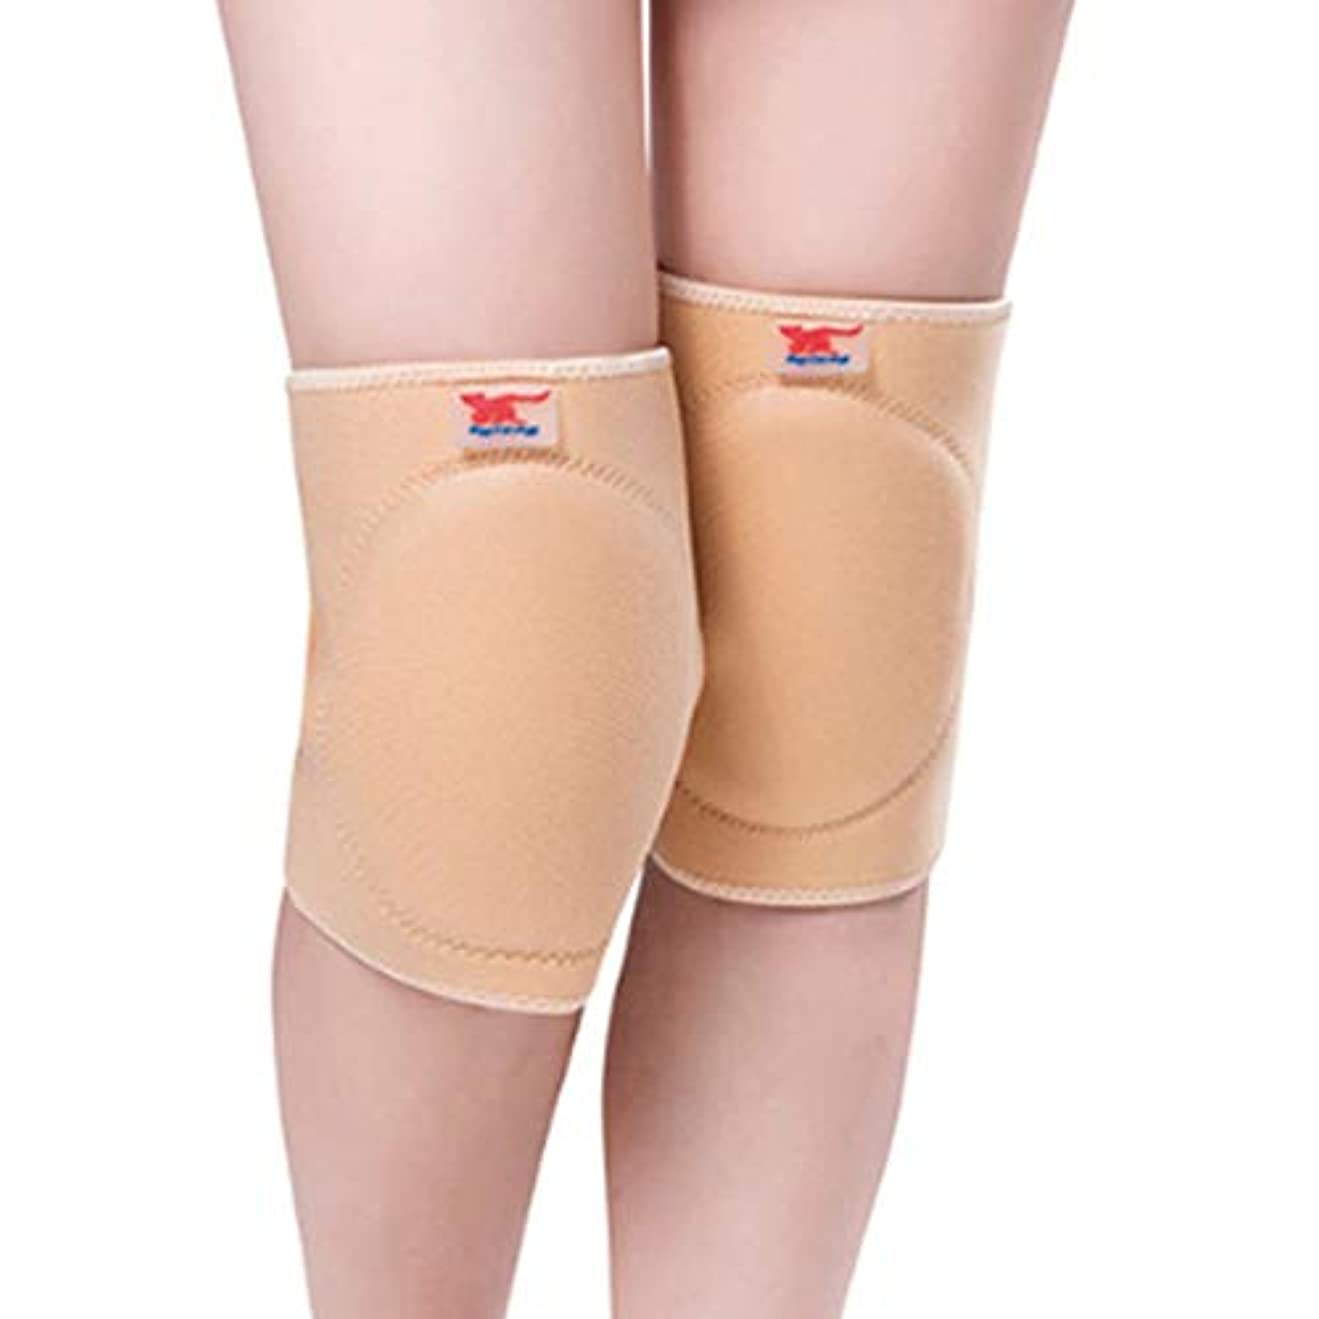 破裂毎年動く反膝パッドウール防止関節炎保温暖かい膝サポート通気性肥厚膝パッド安全膝ブレース